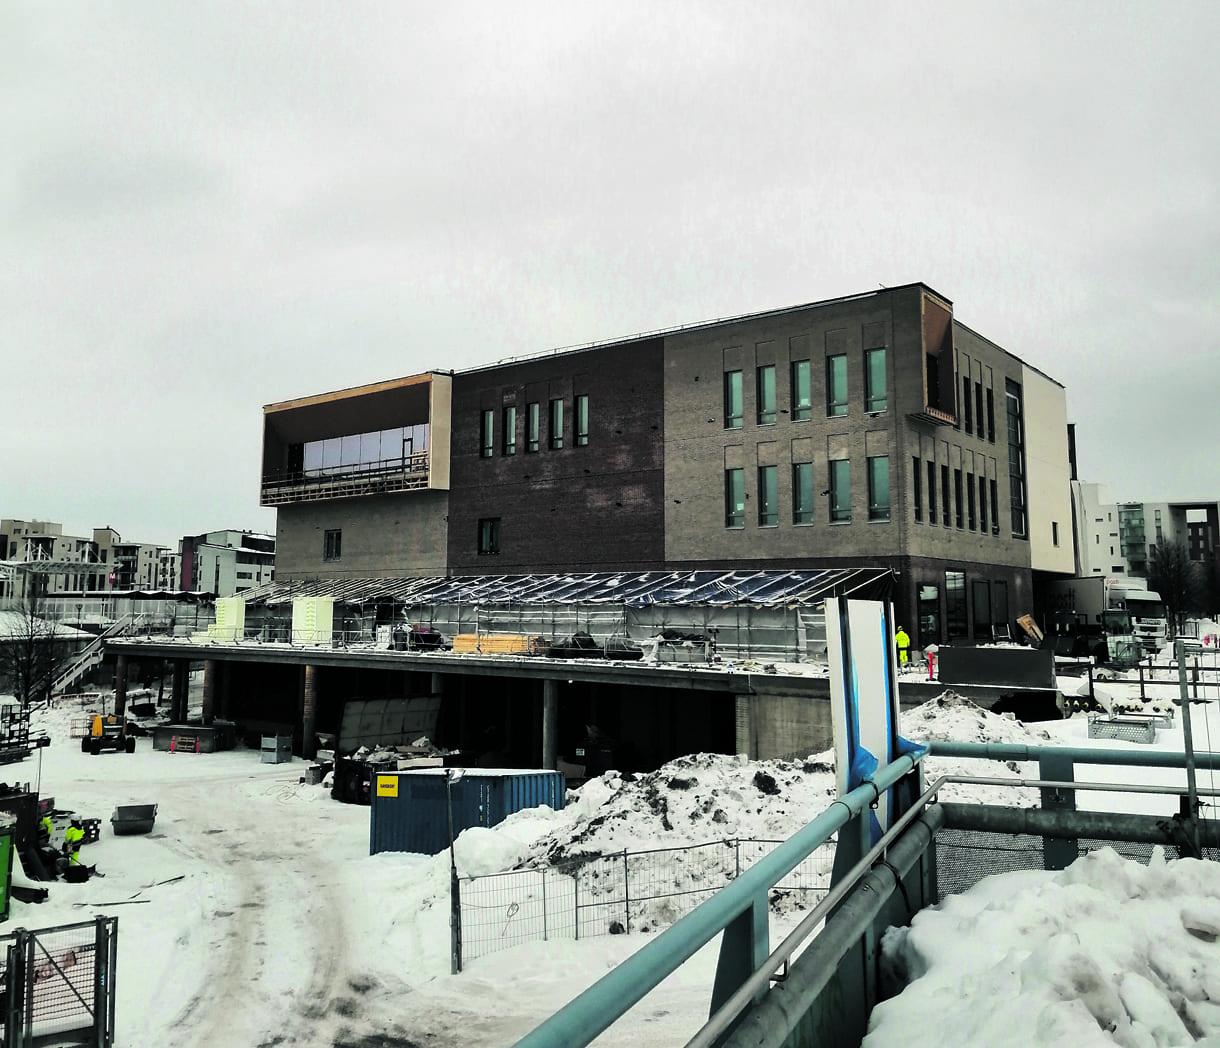 Vuosaaren lukion uusi rakennus osoitteessa Mosaiikkiraitti 2 B on luovutusvalmis kesäkuussa. Uuteen rakennukseen pääsee tutustumaan Vuosaaren lukion tuoreessa Youtube-videossa osoitteessa www.bit.ly/3aGTtpx. Kuva: Aku Honkanen